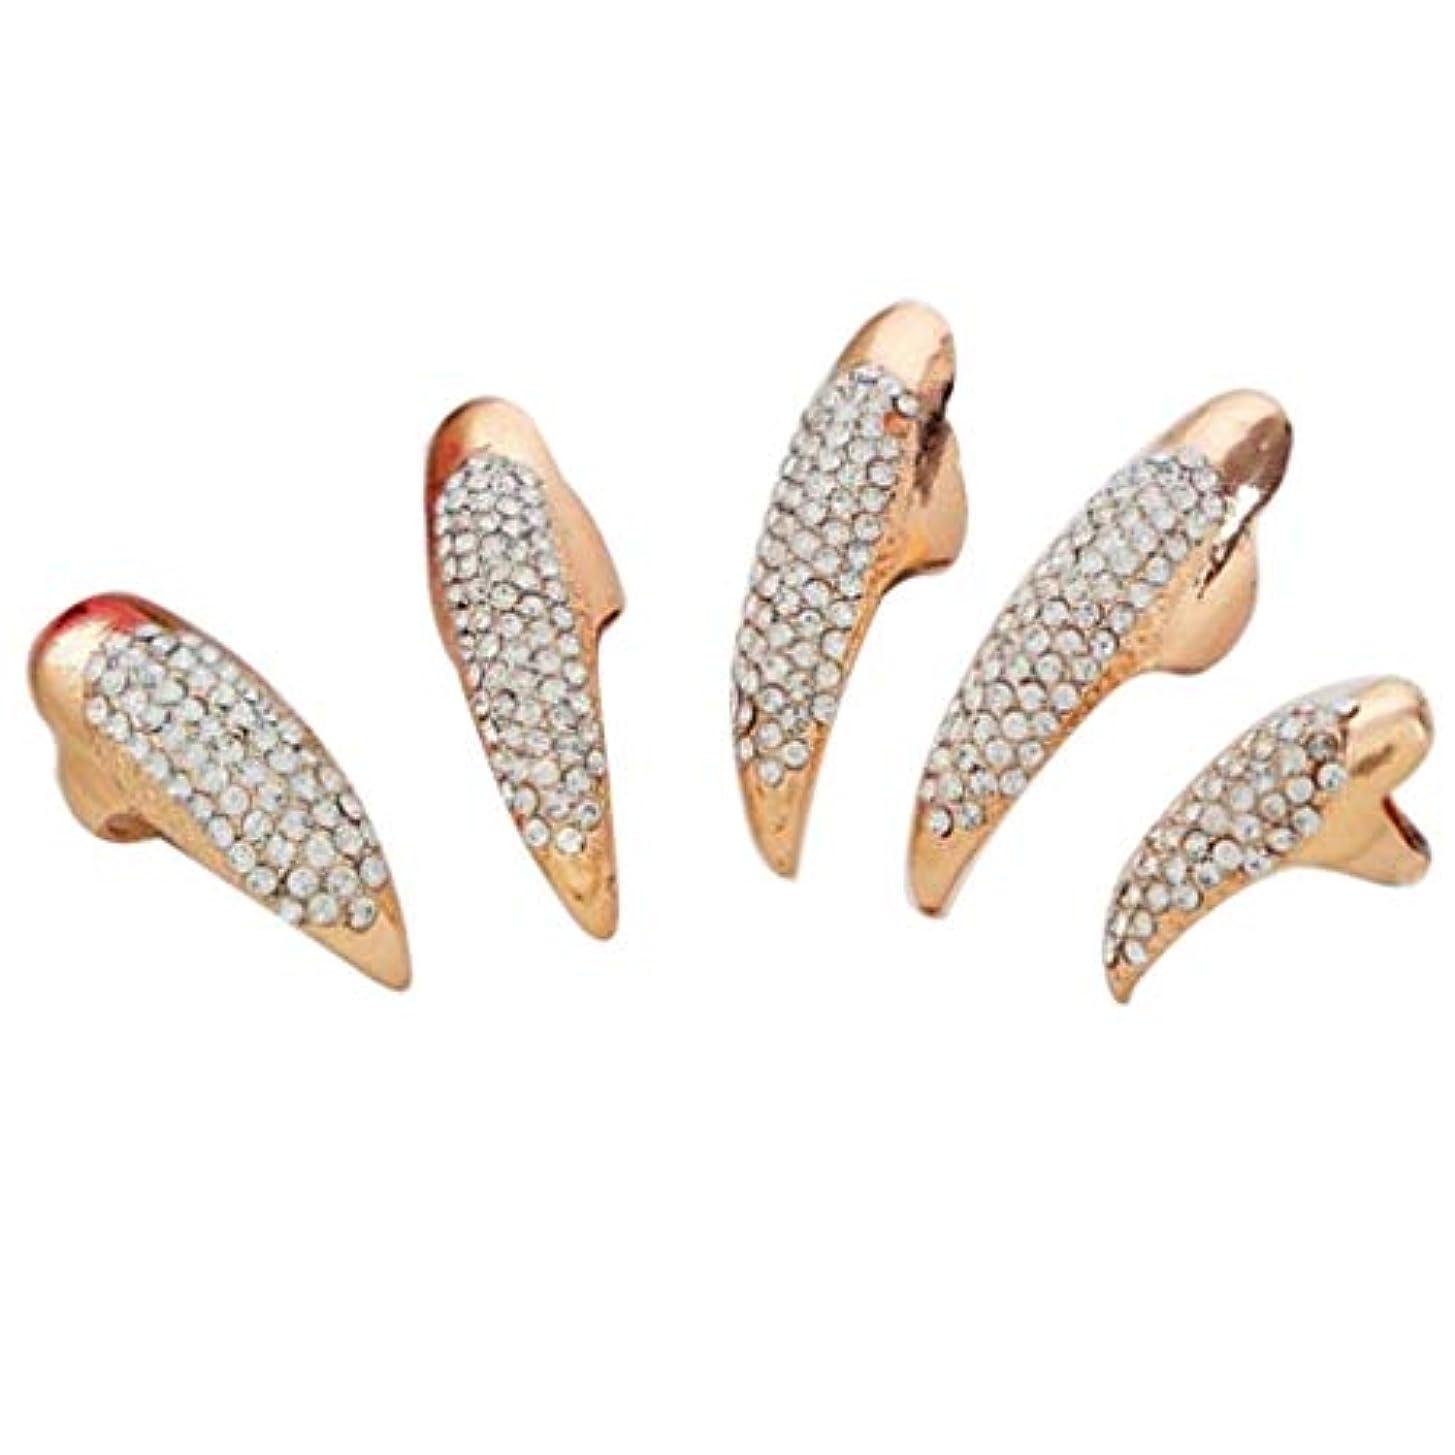 オッズ挨拶近所のネイルアート ネイルリング 爪リング ネイルチップ 指先 爪の指輪 キラキラ 2色選べ - ゴールデン